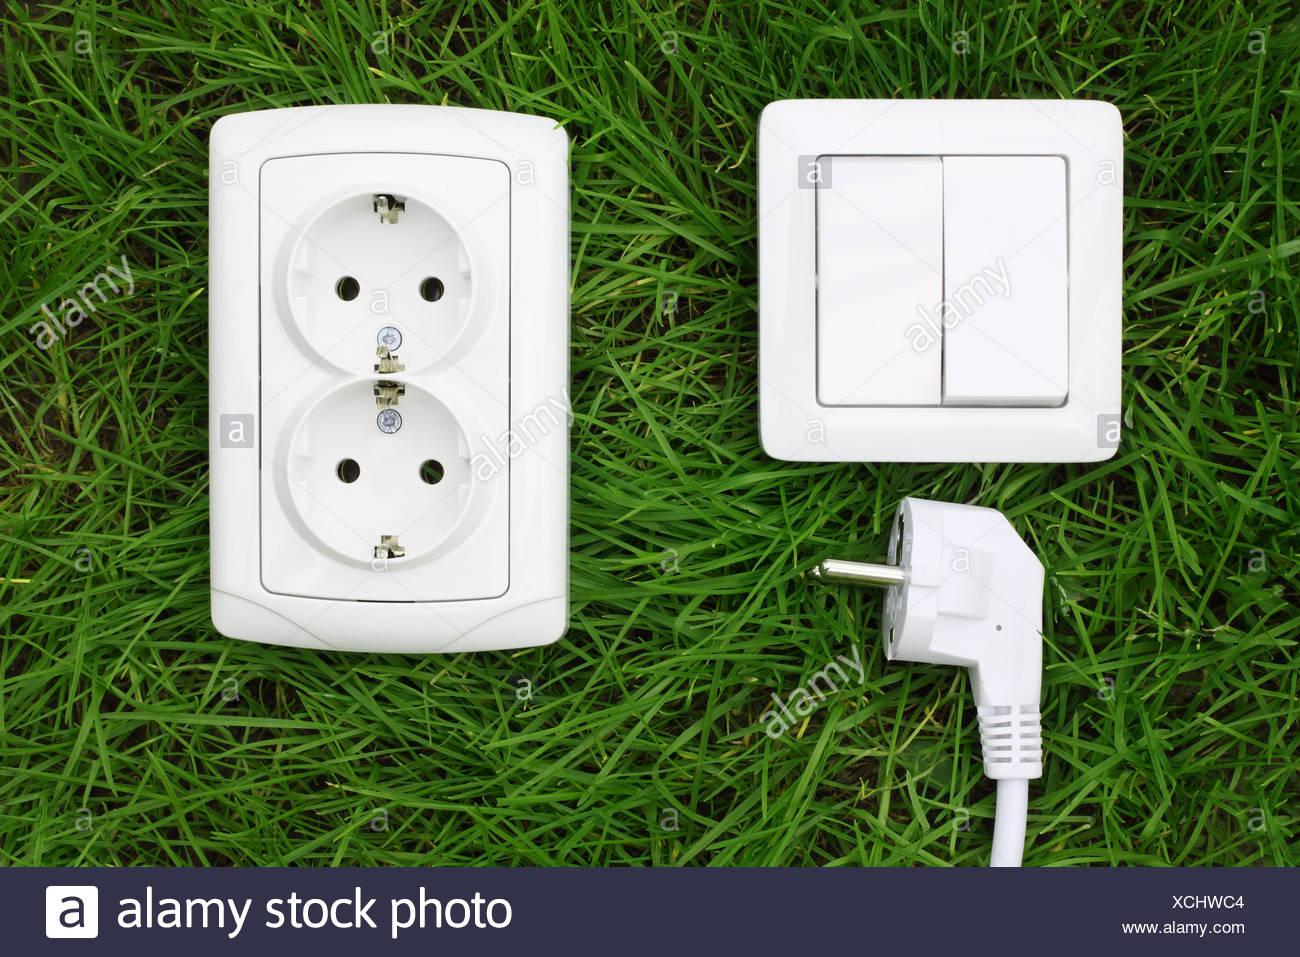 Prise d'alimentation et l'interrupteur d'éclairage sur une herbe verte Photo Stock